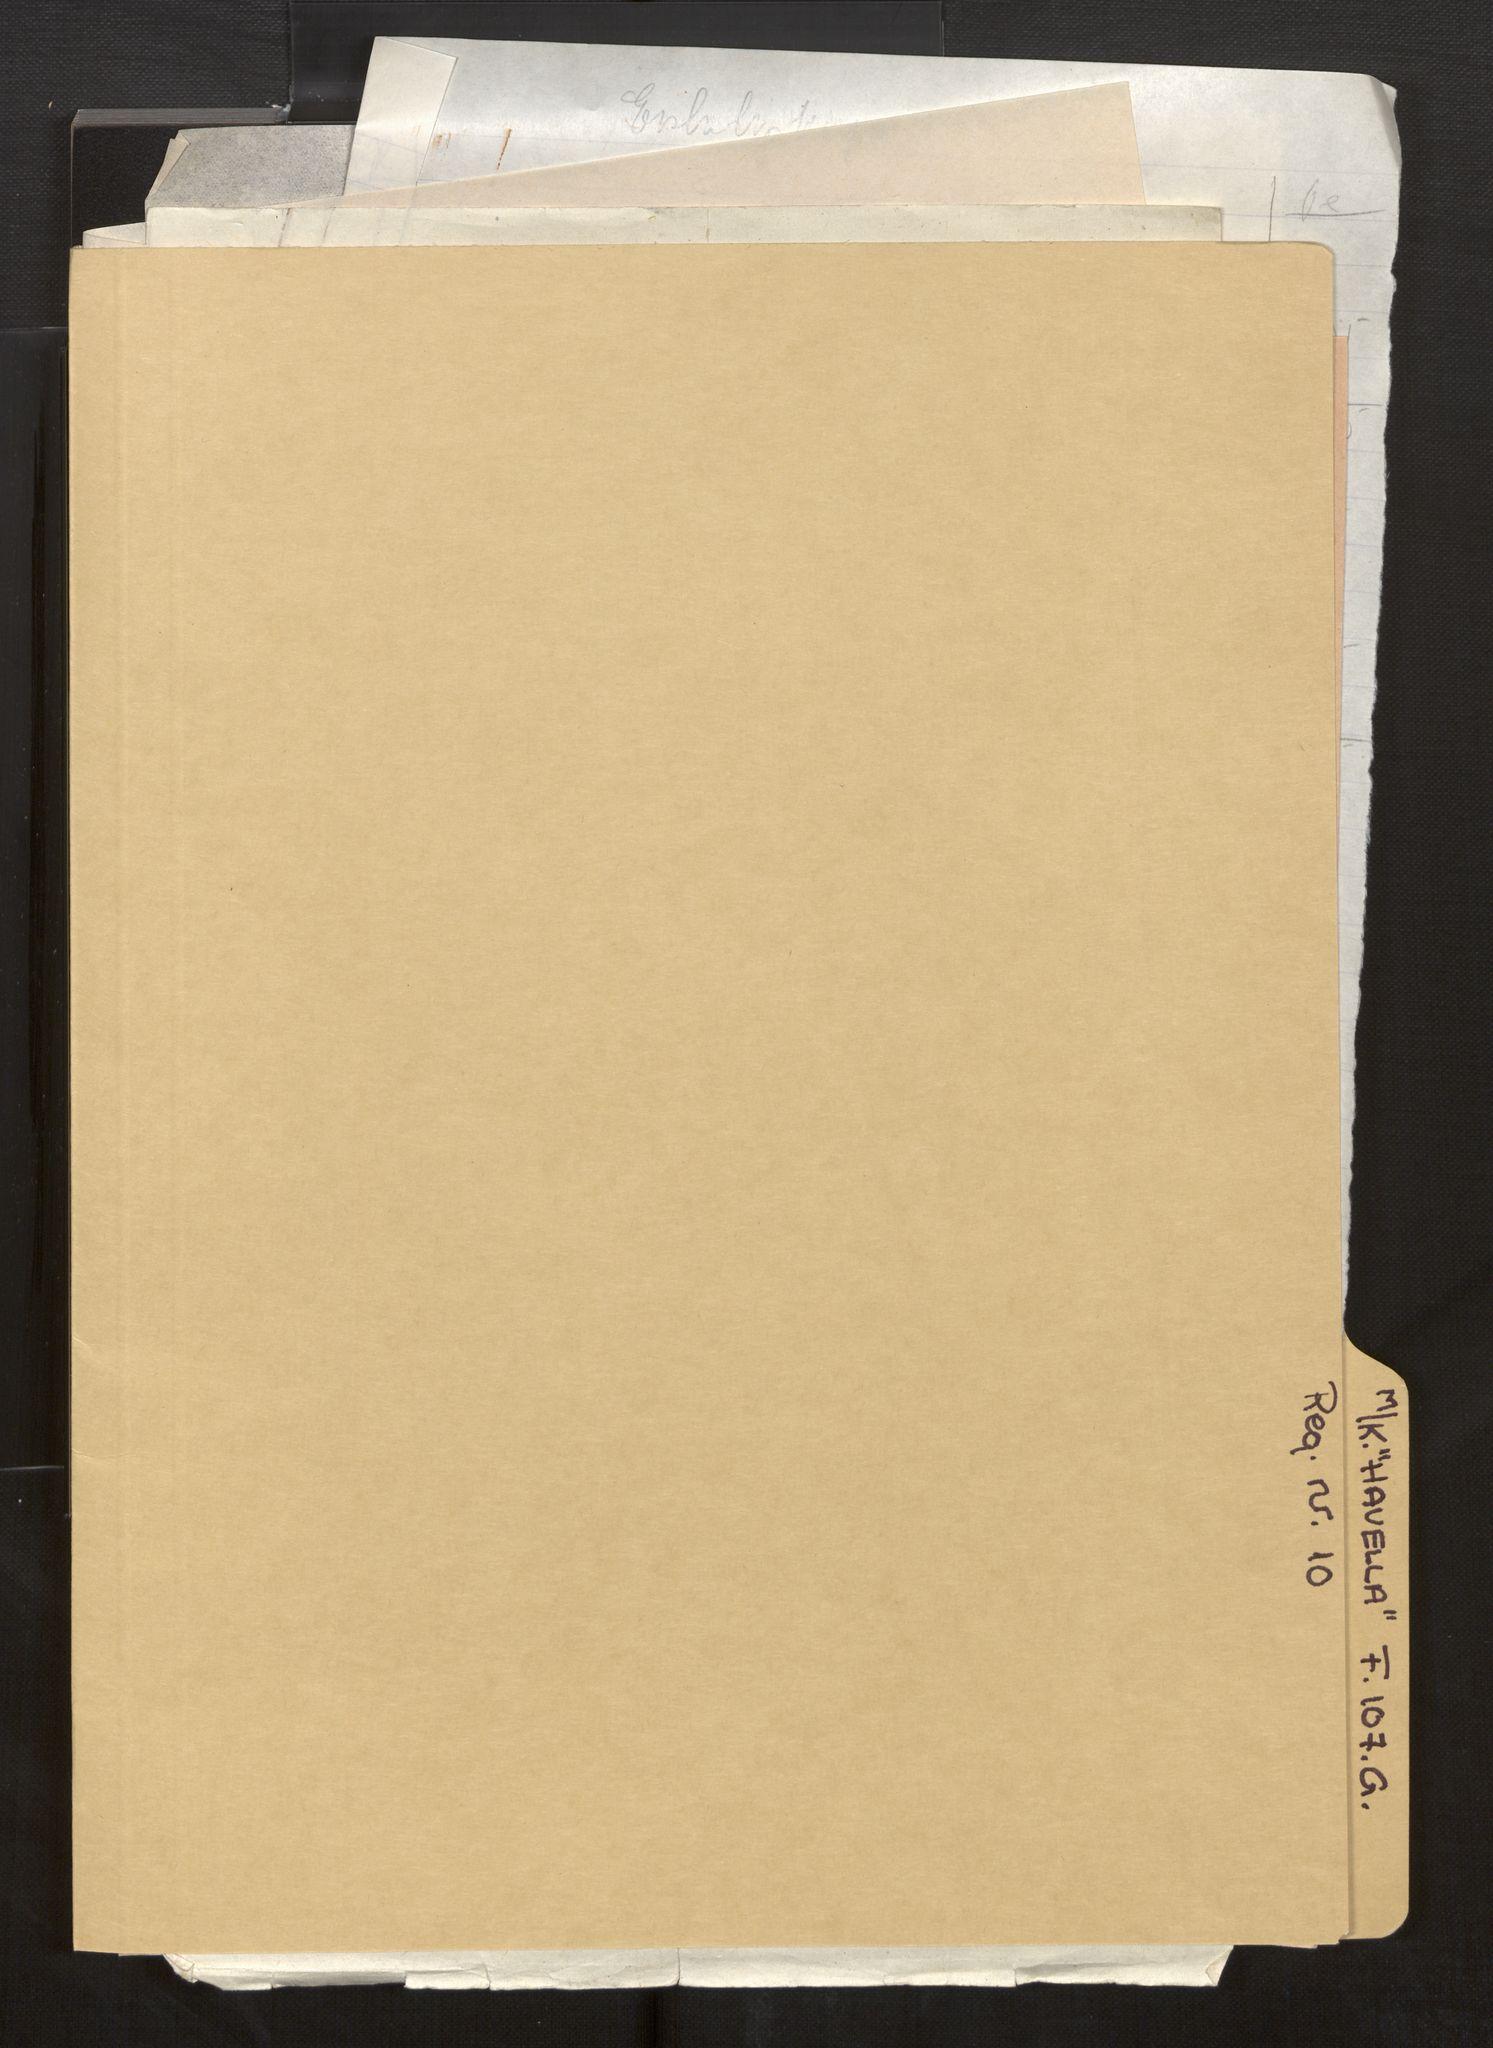 SAB, Fiskeridirektoratet - 1 Adm. ledelse - 13 Båtkontoret, La/L0042: Statens krigsforsikring for fiskeflåten, 1936-1971, s. 416